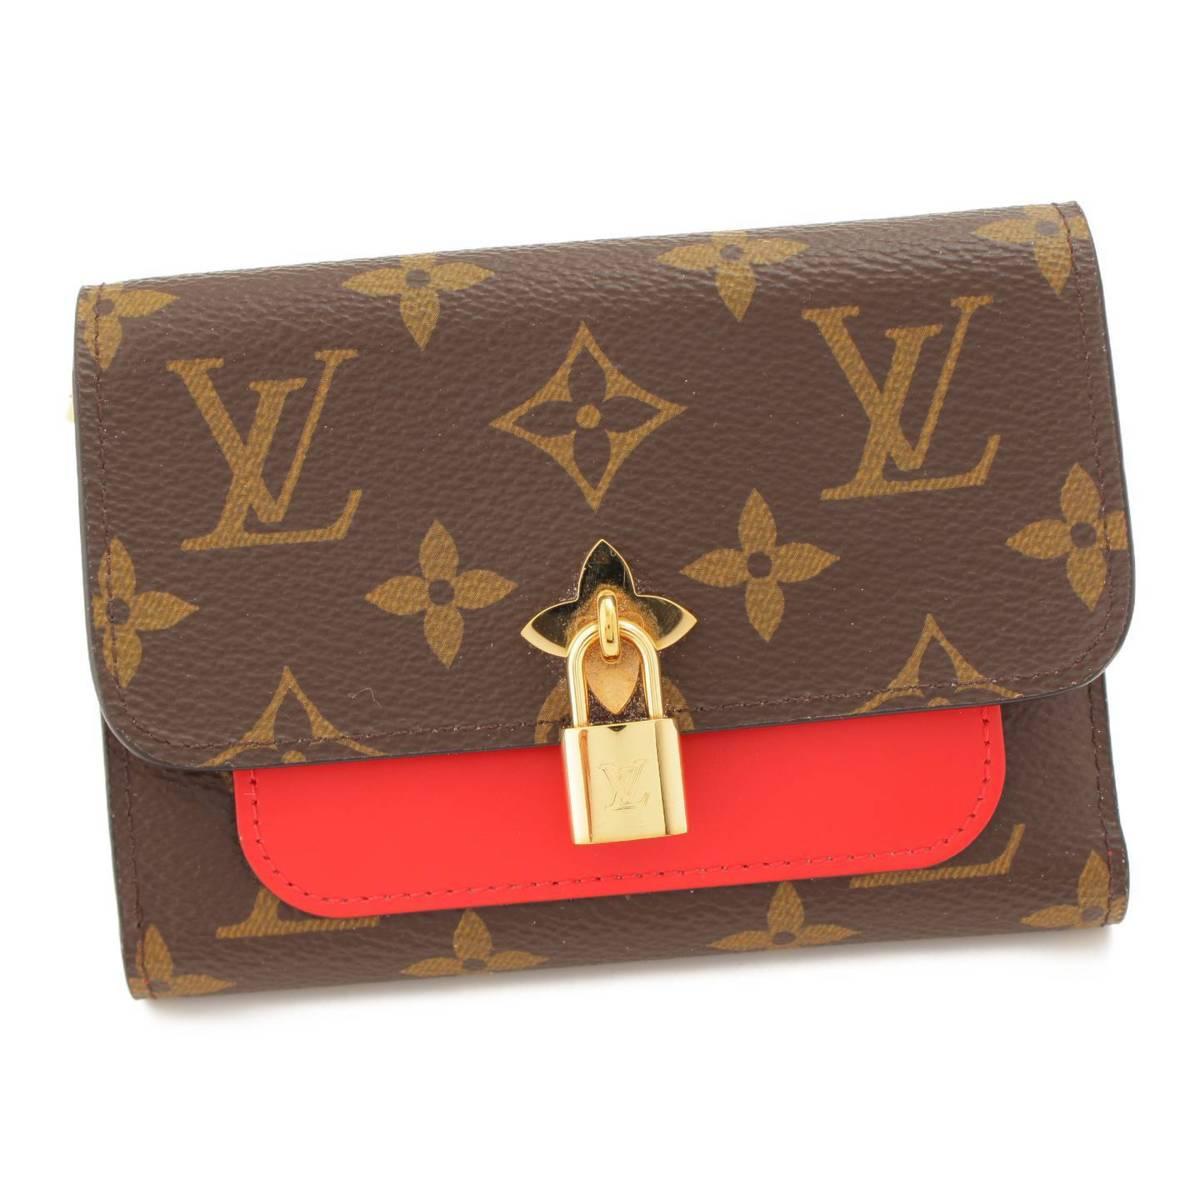 【ルイヴィトン】Louis Vuitton モノグラム ポルトフォイユ・フラワーコンパクト 3つ折り財布 M62567 【中古】【鑑定済・正規品保証】89877